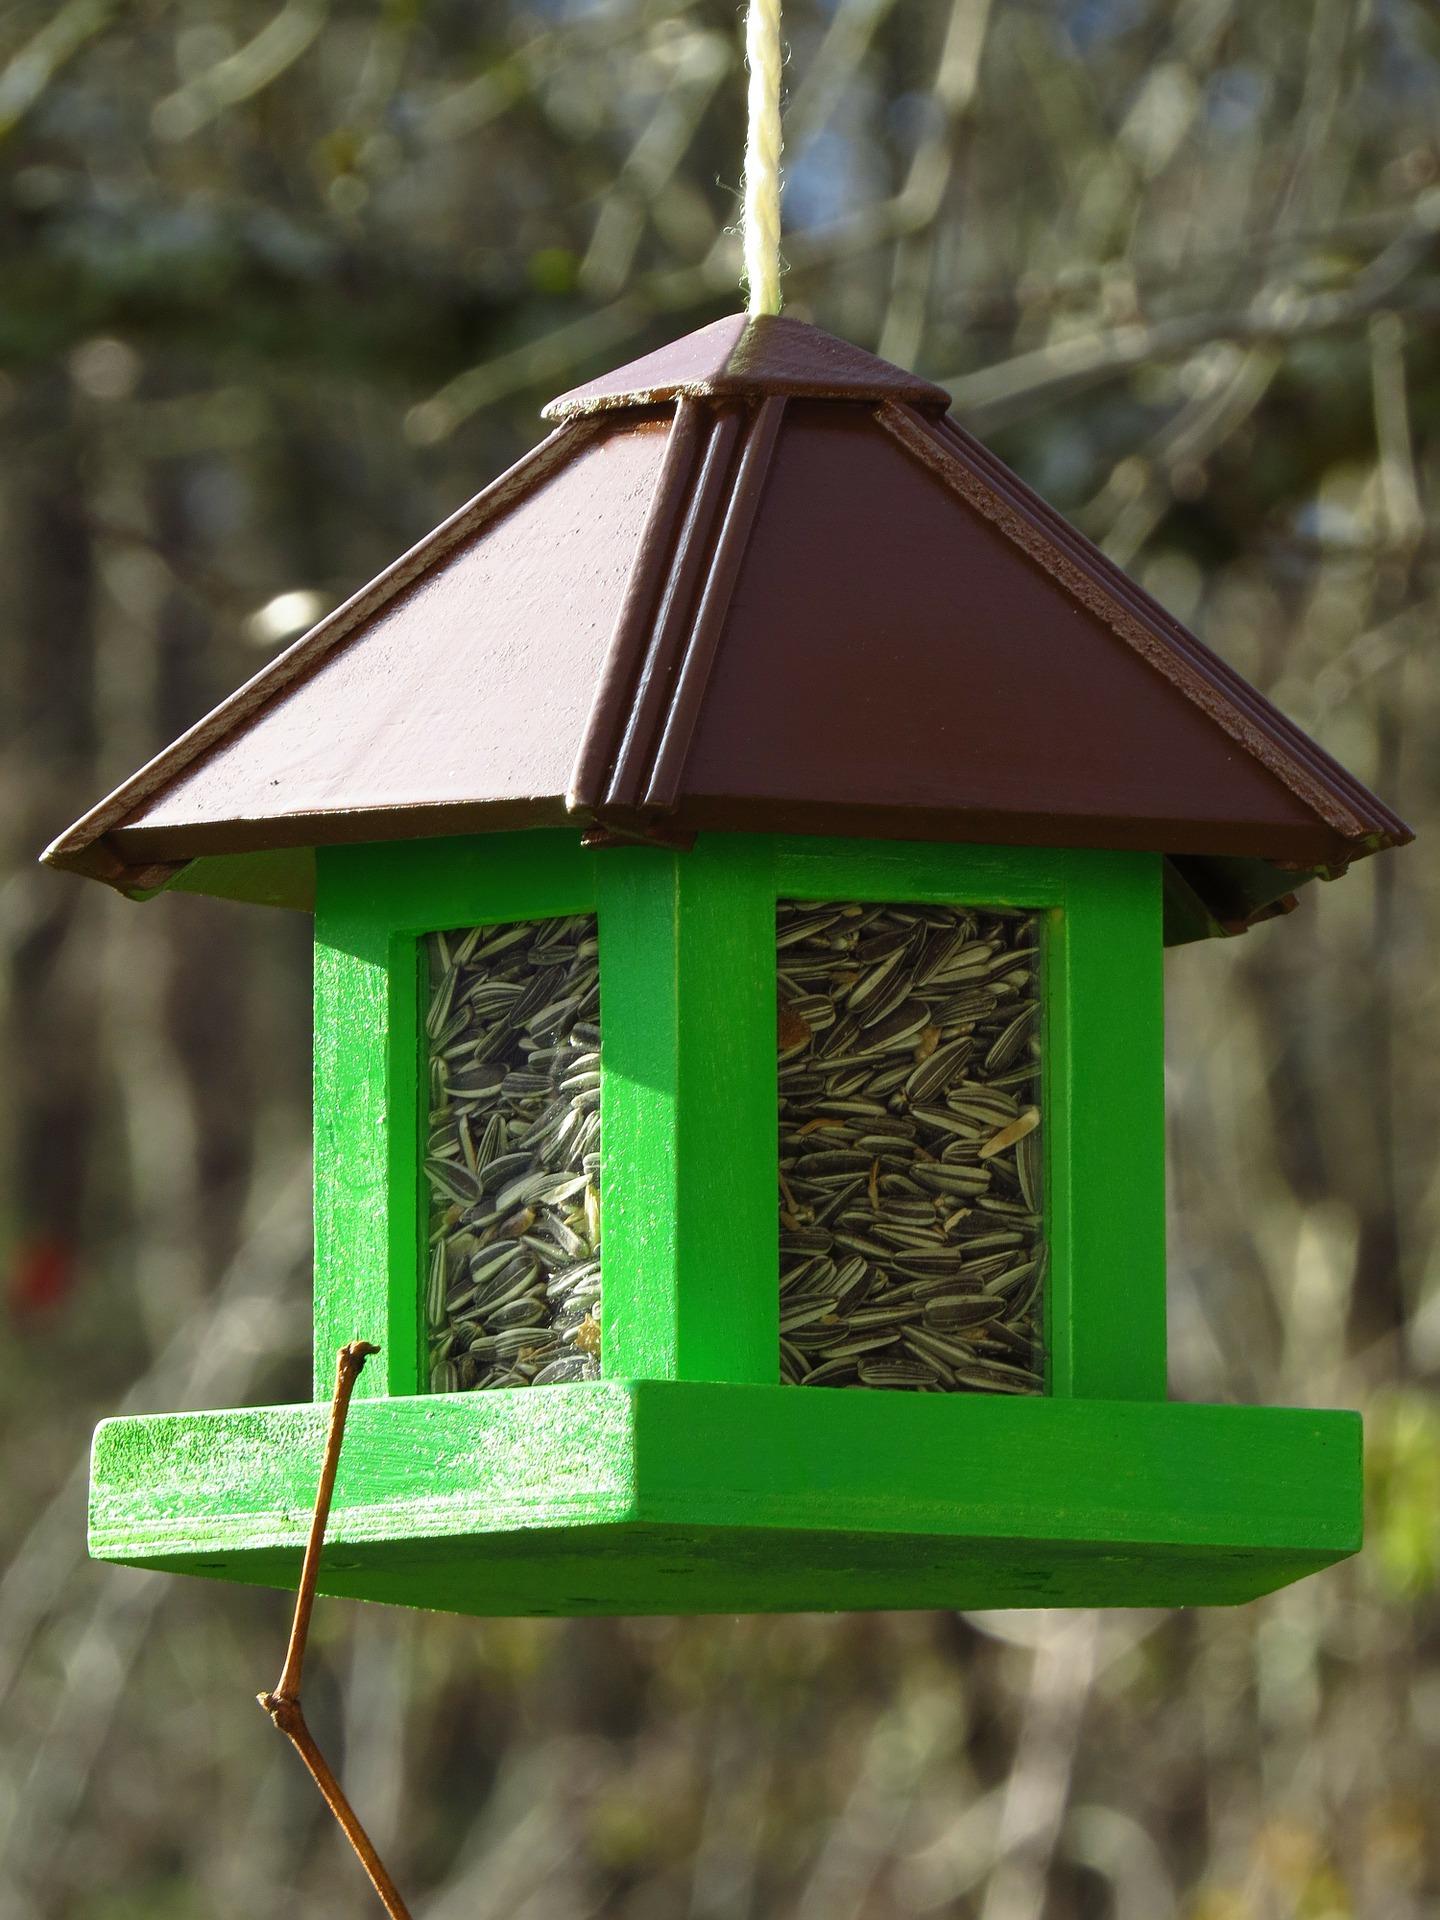 vogelhaus selber bauen mit kindern - vogelhaus-selberbauen.de